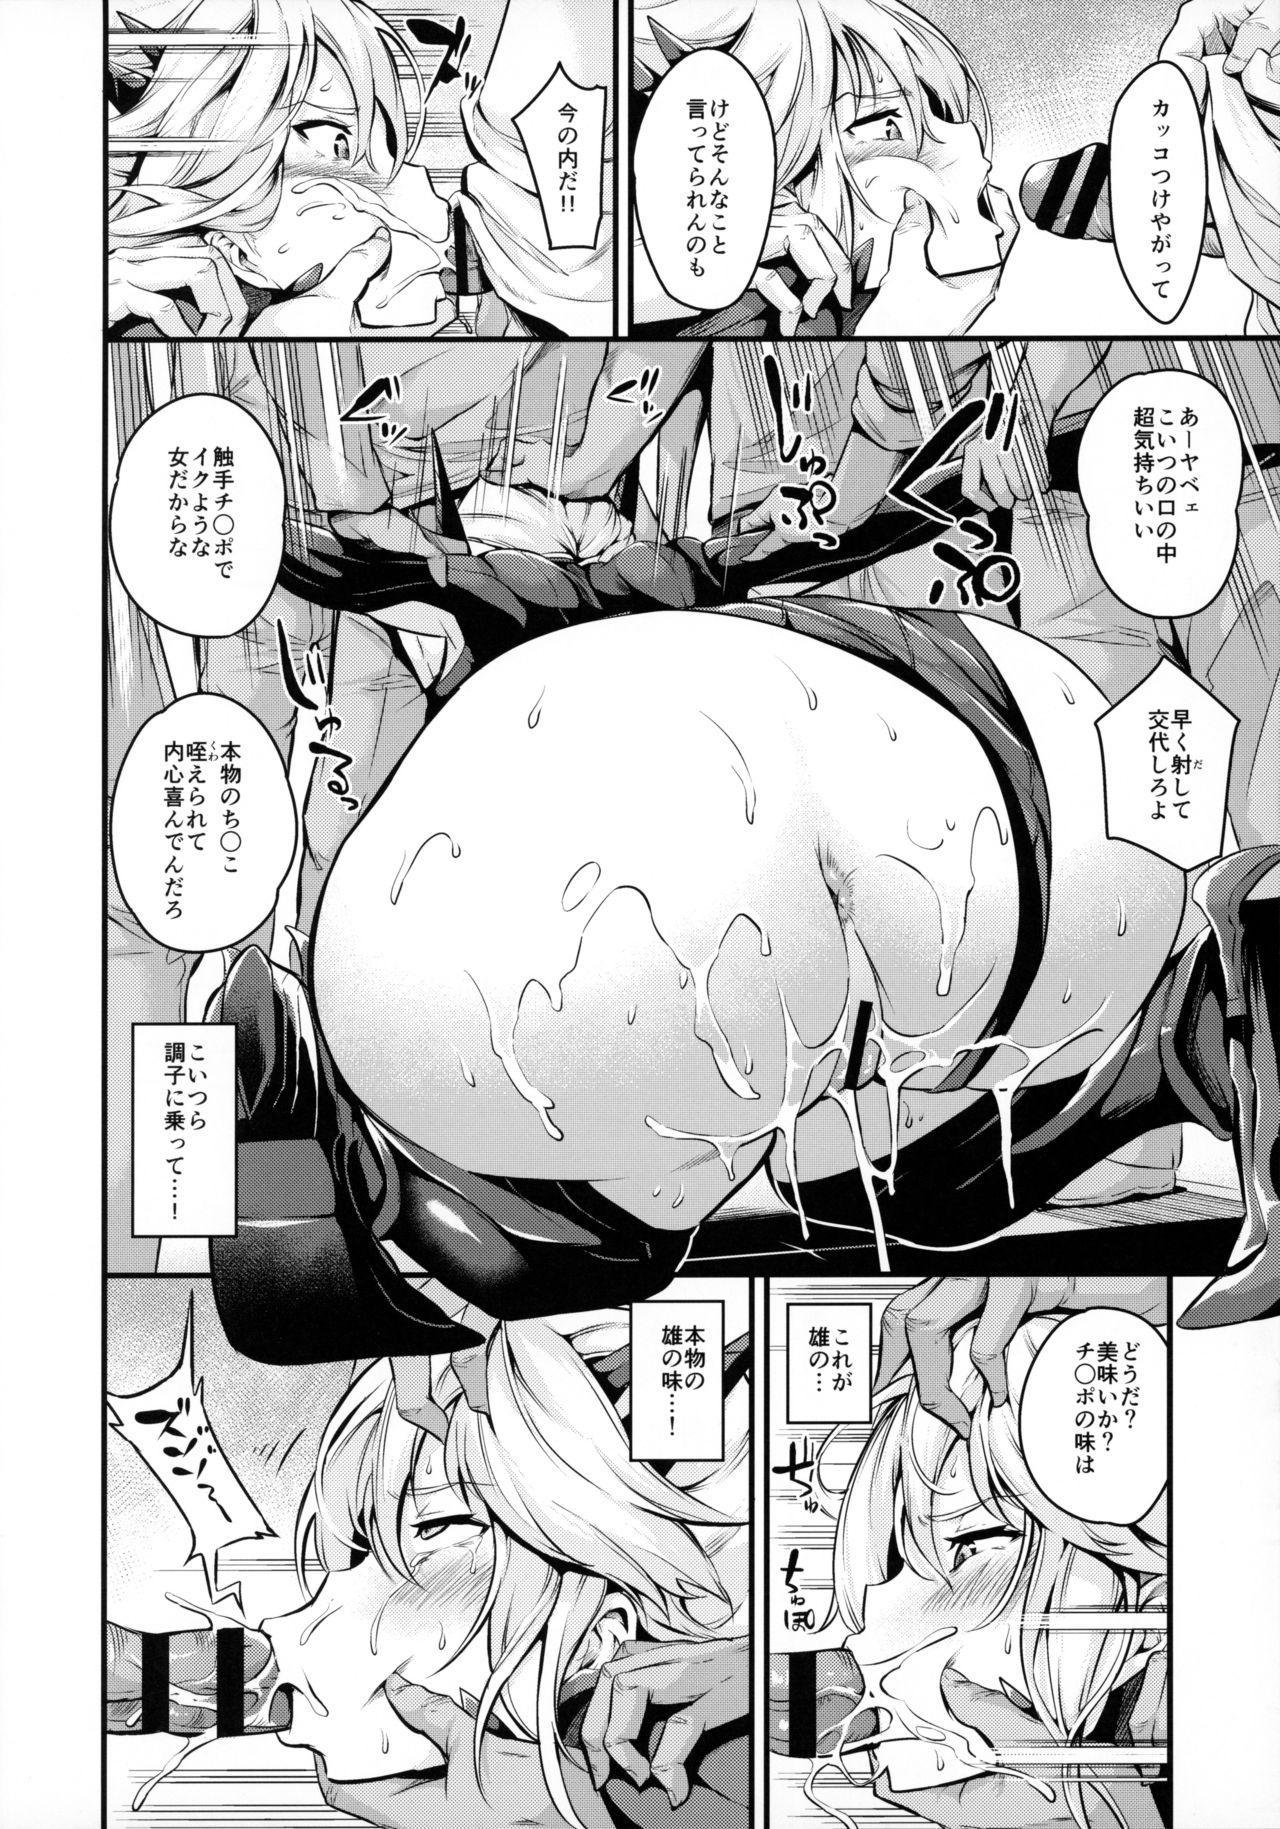 Chichiue ga Buzama Haiboku Shita Hi 23